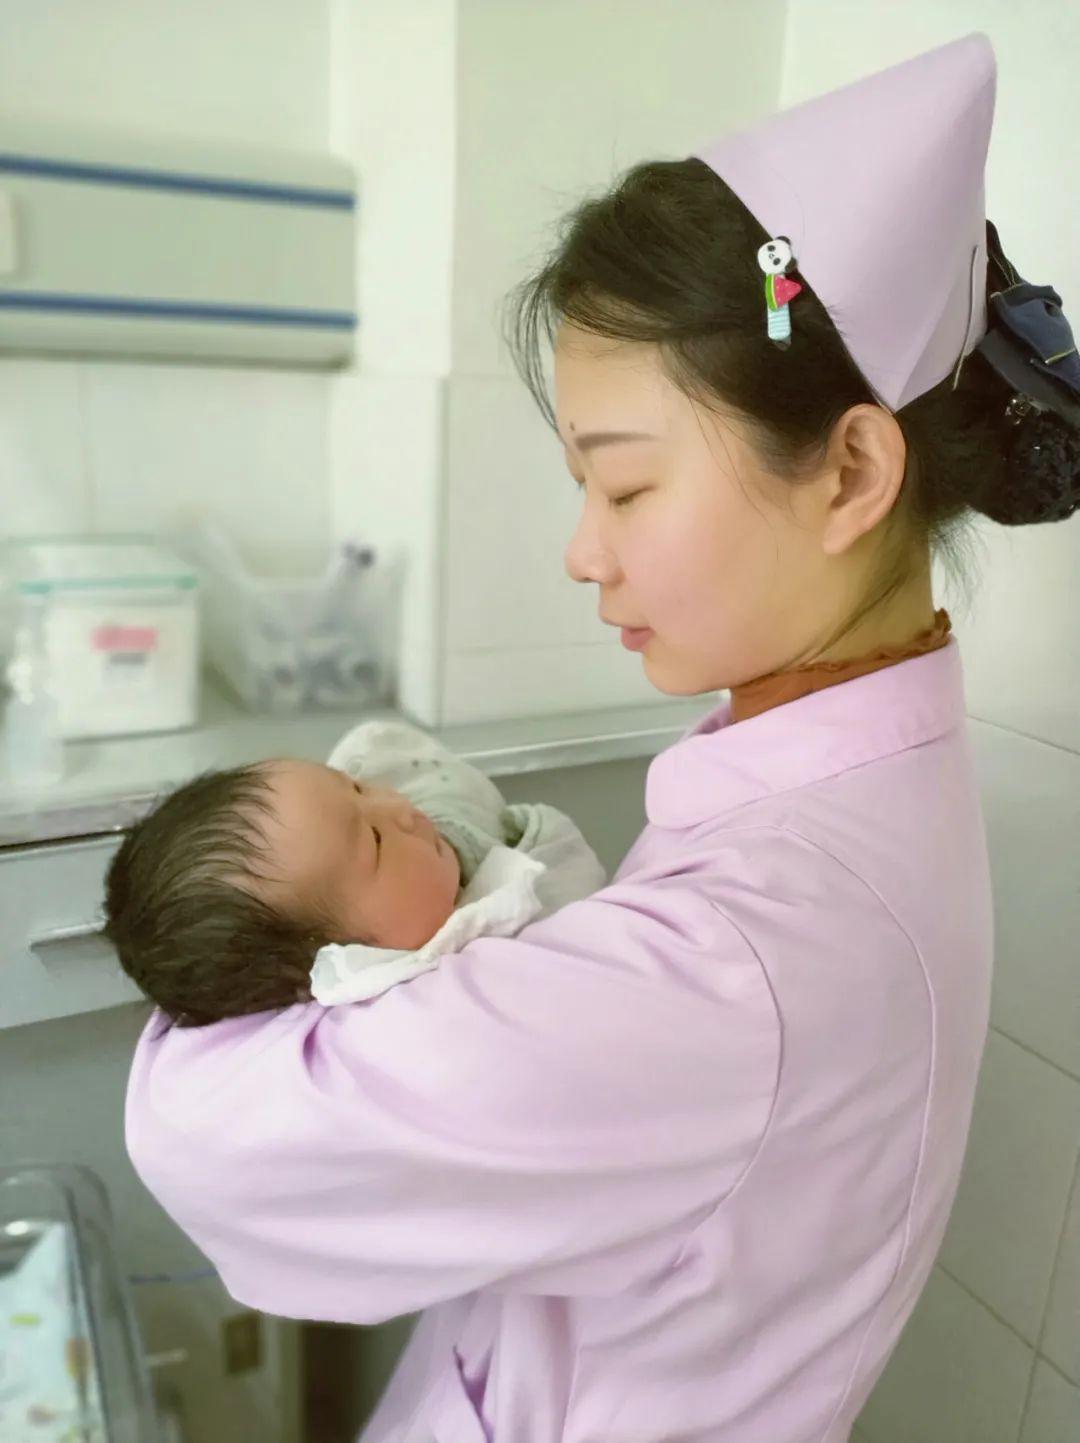 小儿肺炎的重要病原体——呼吸道合胞病毒